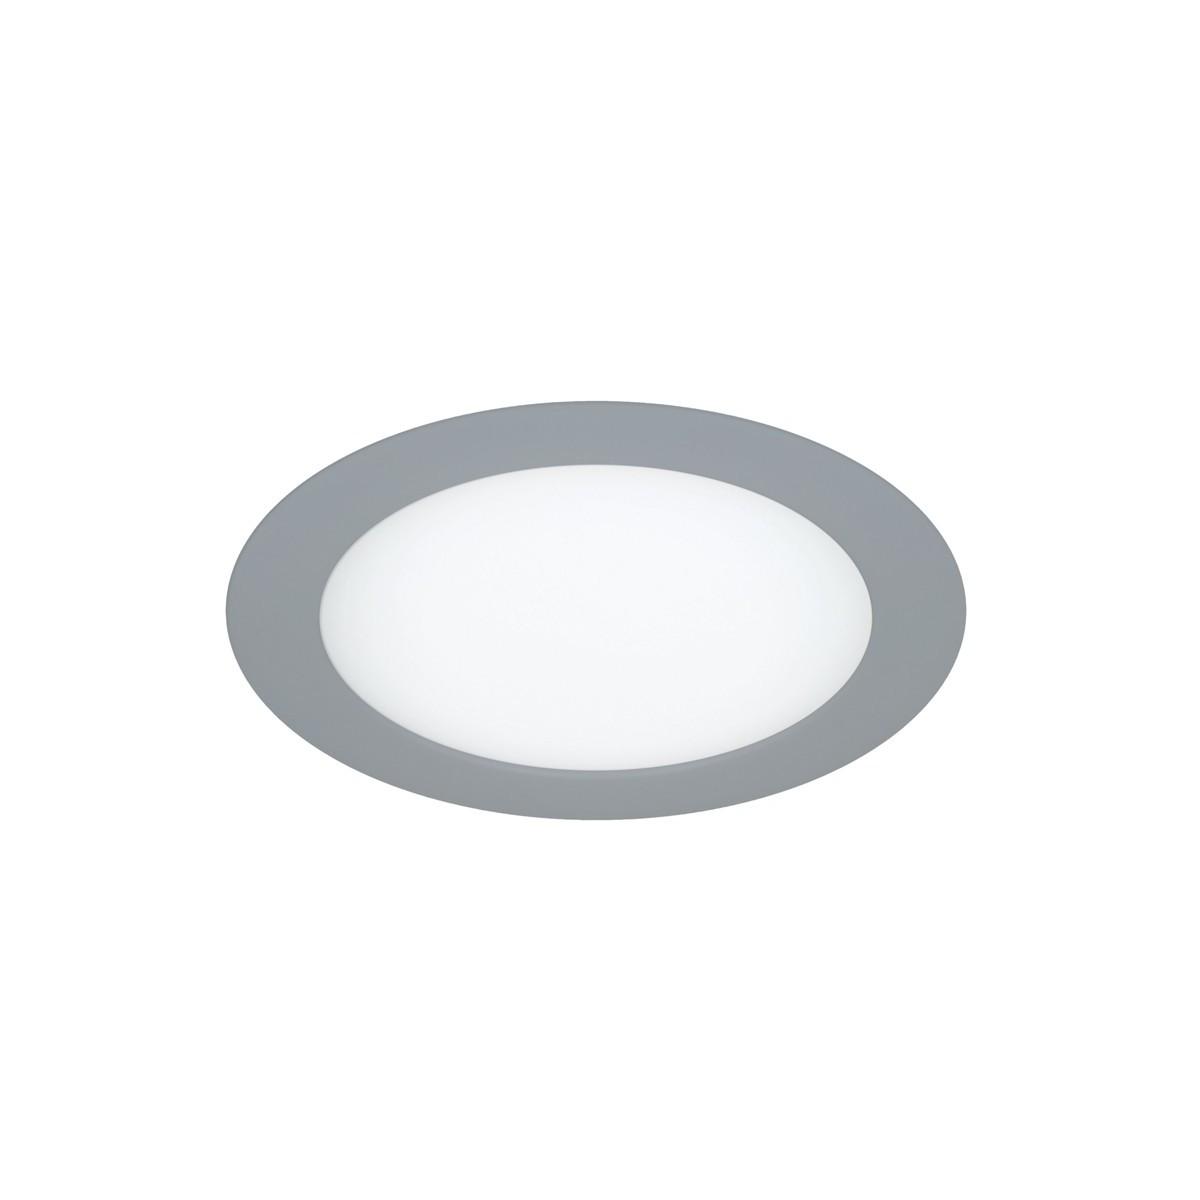 LED Dowlight 12W - round grey know